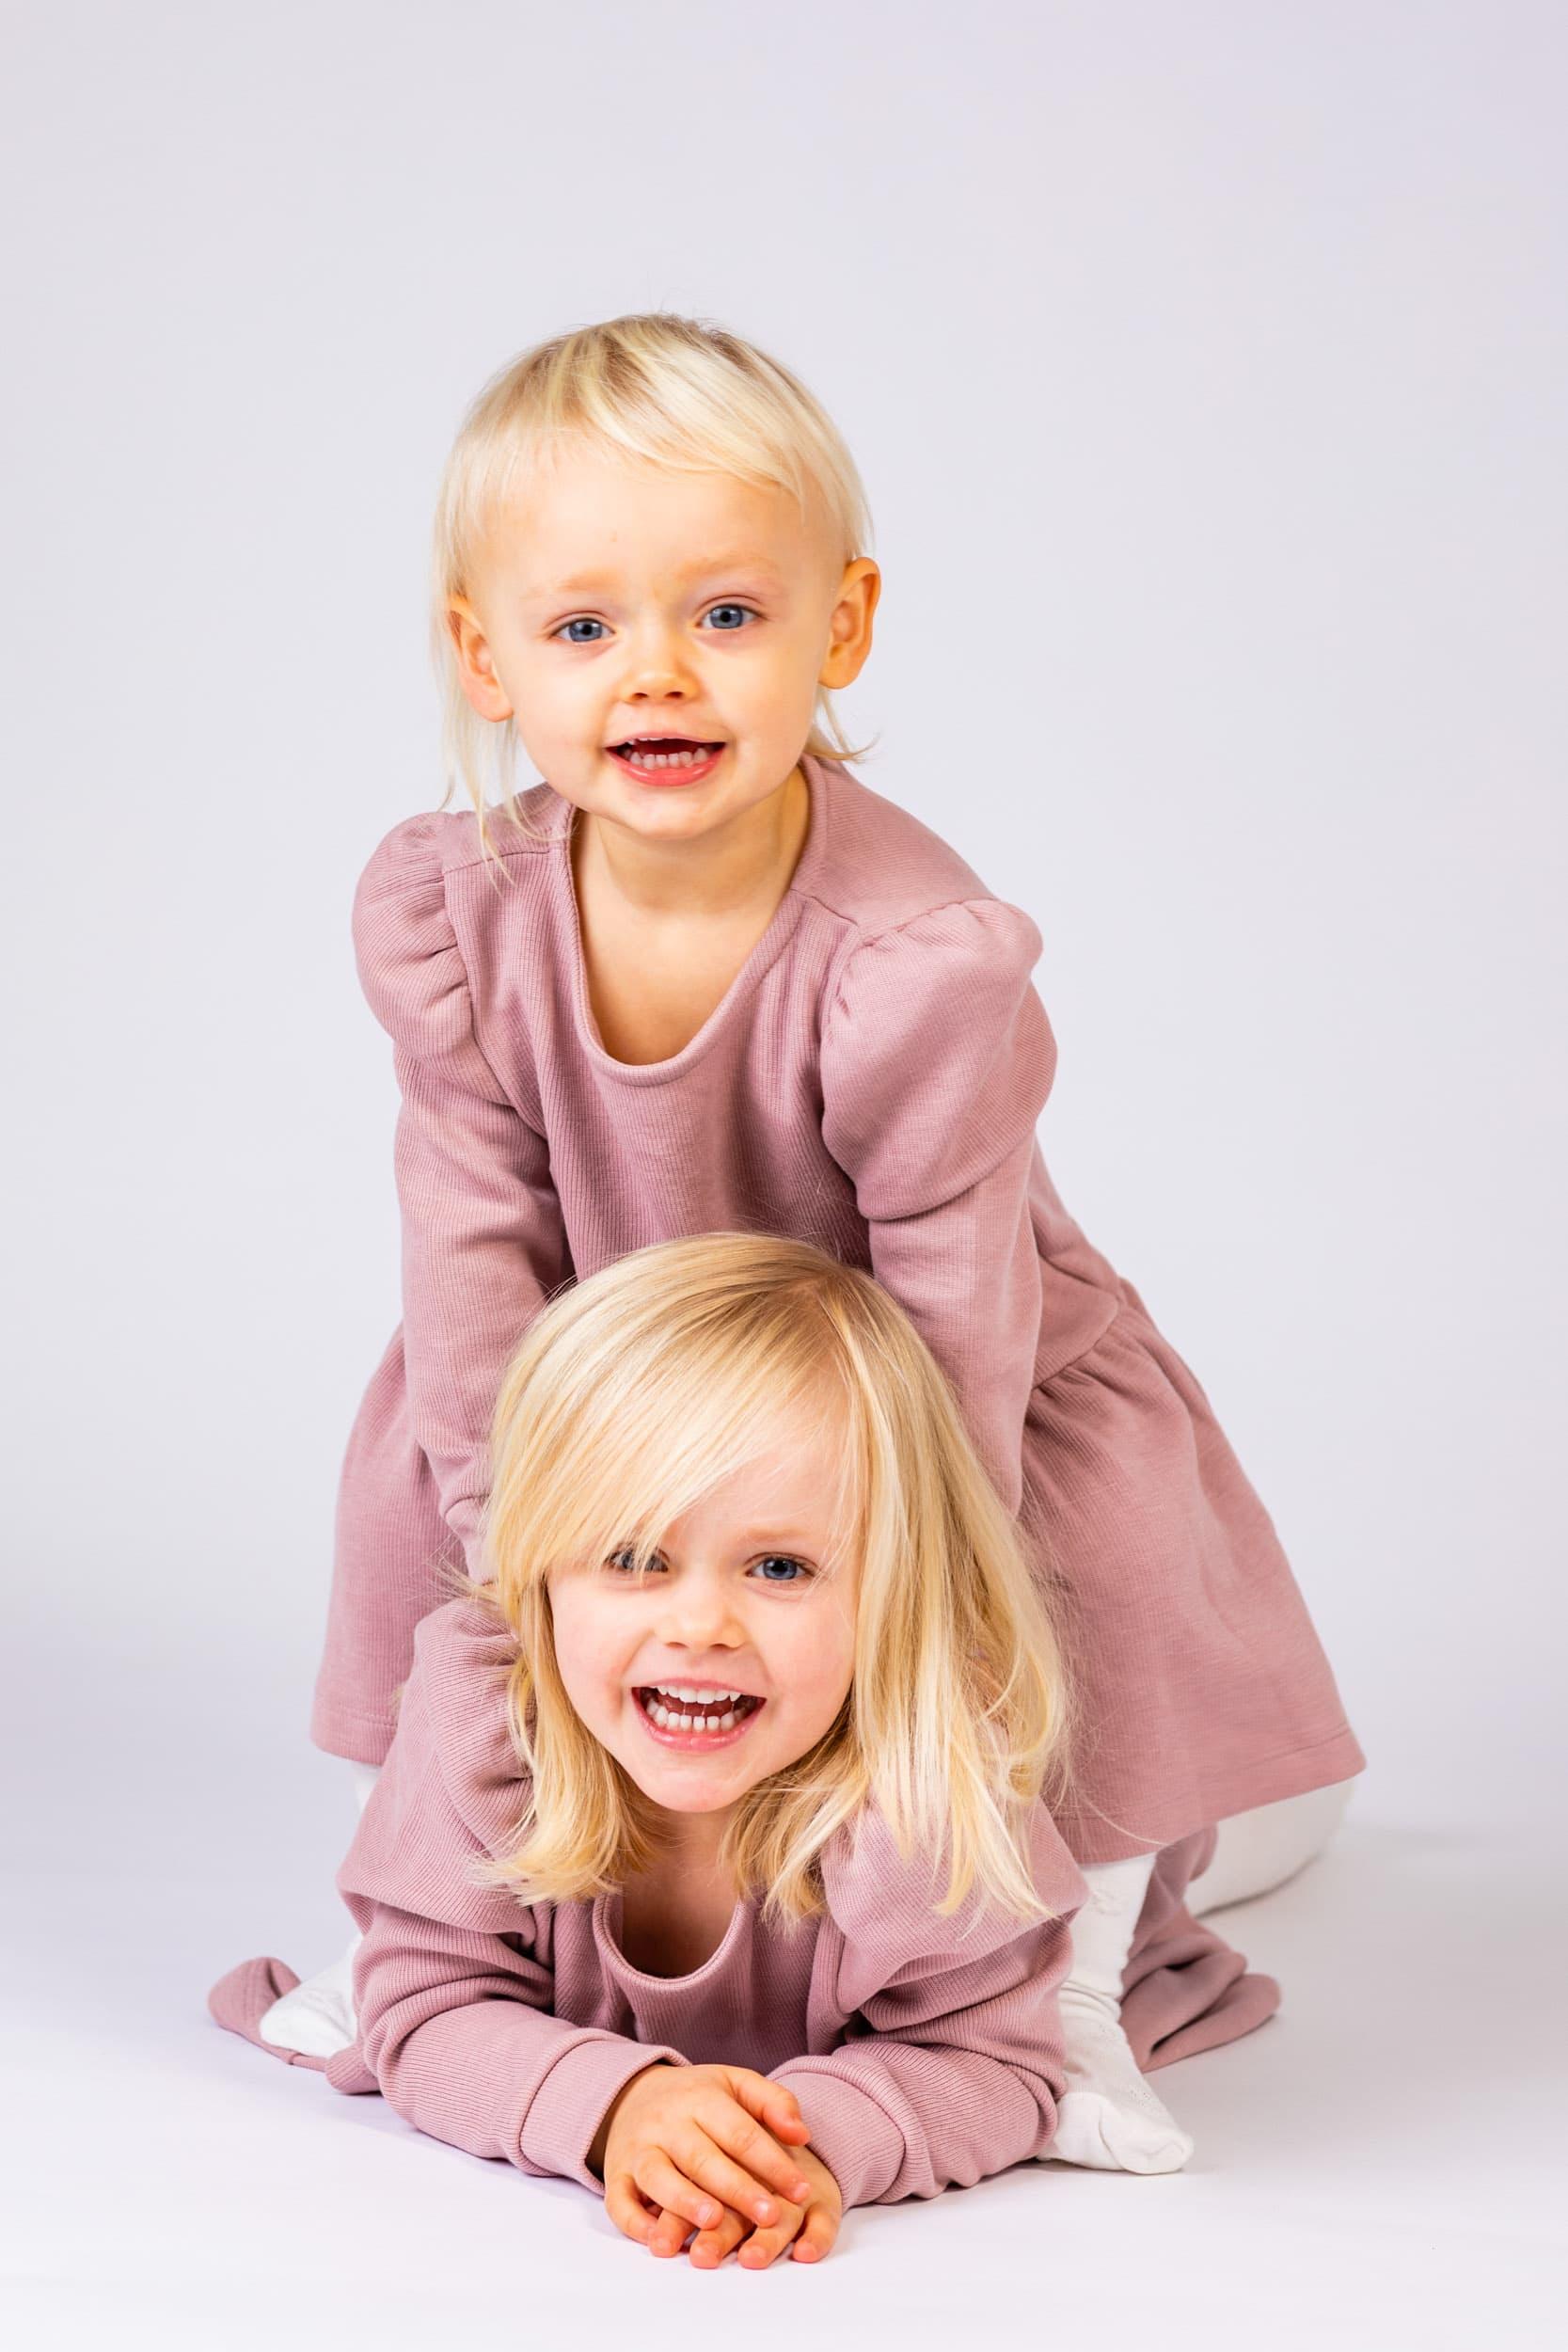 Fotograf billeder af børn – del 2